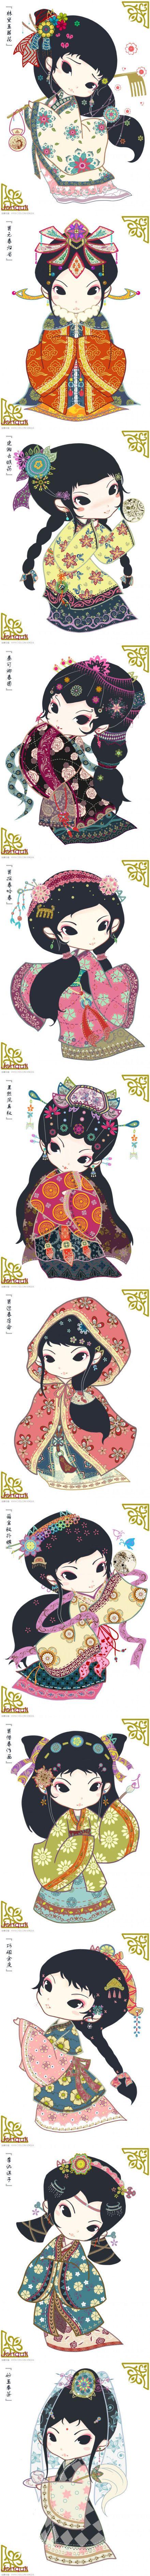 ACTIVITE - Chinoises pour embellir du papier, un lapbook, une carte postale...